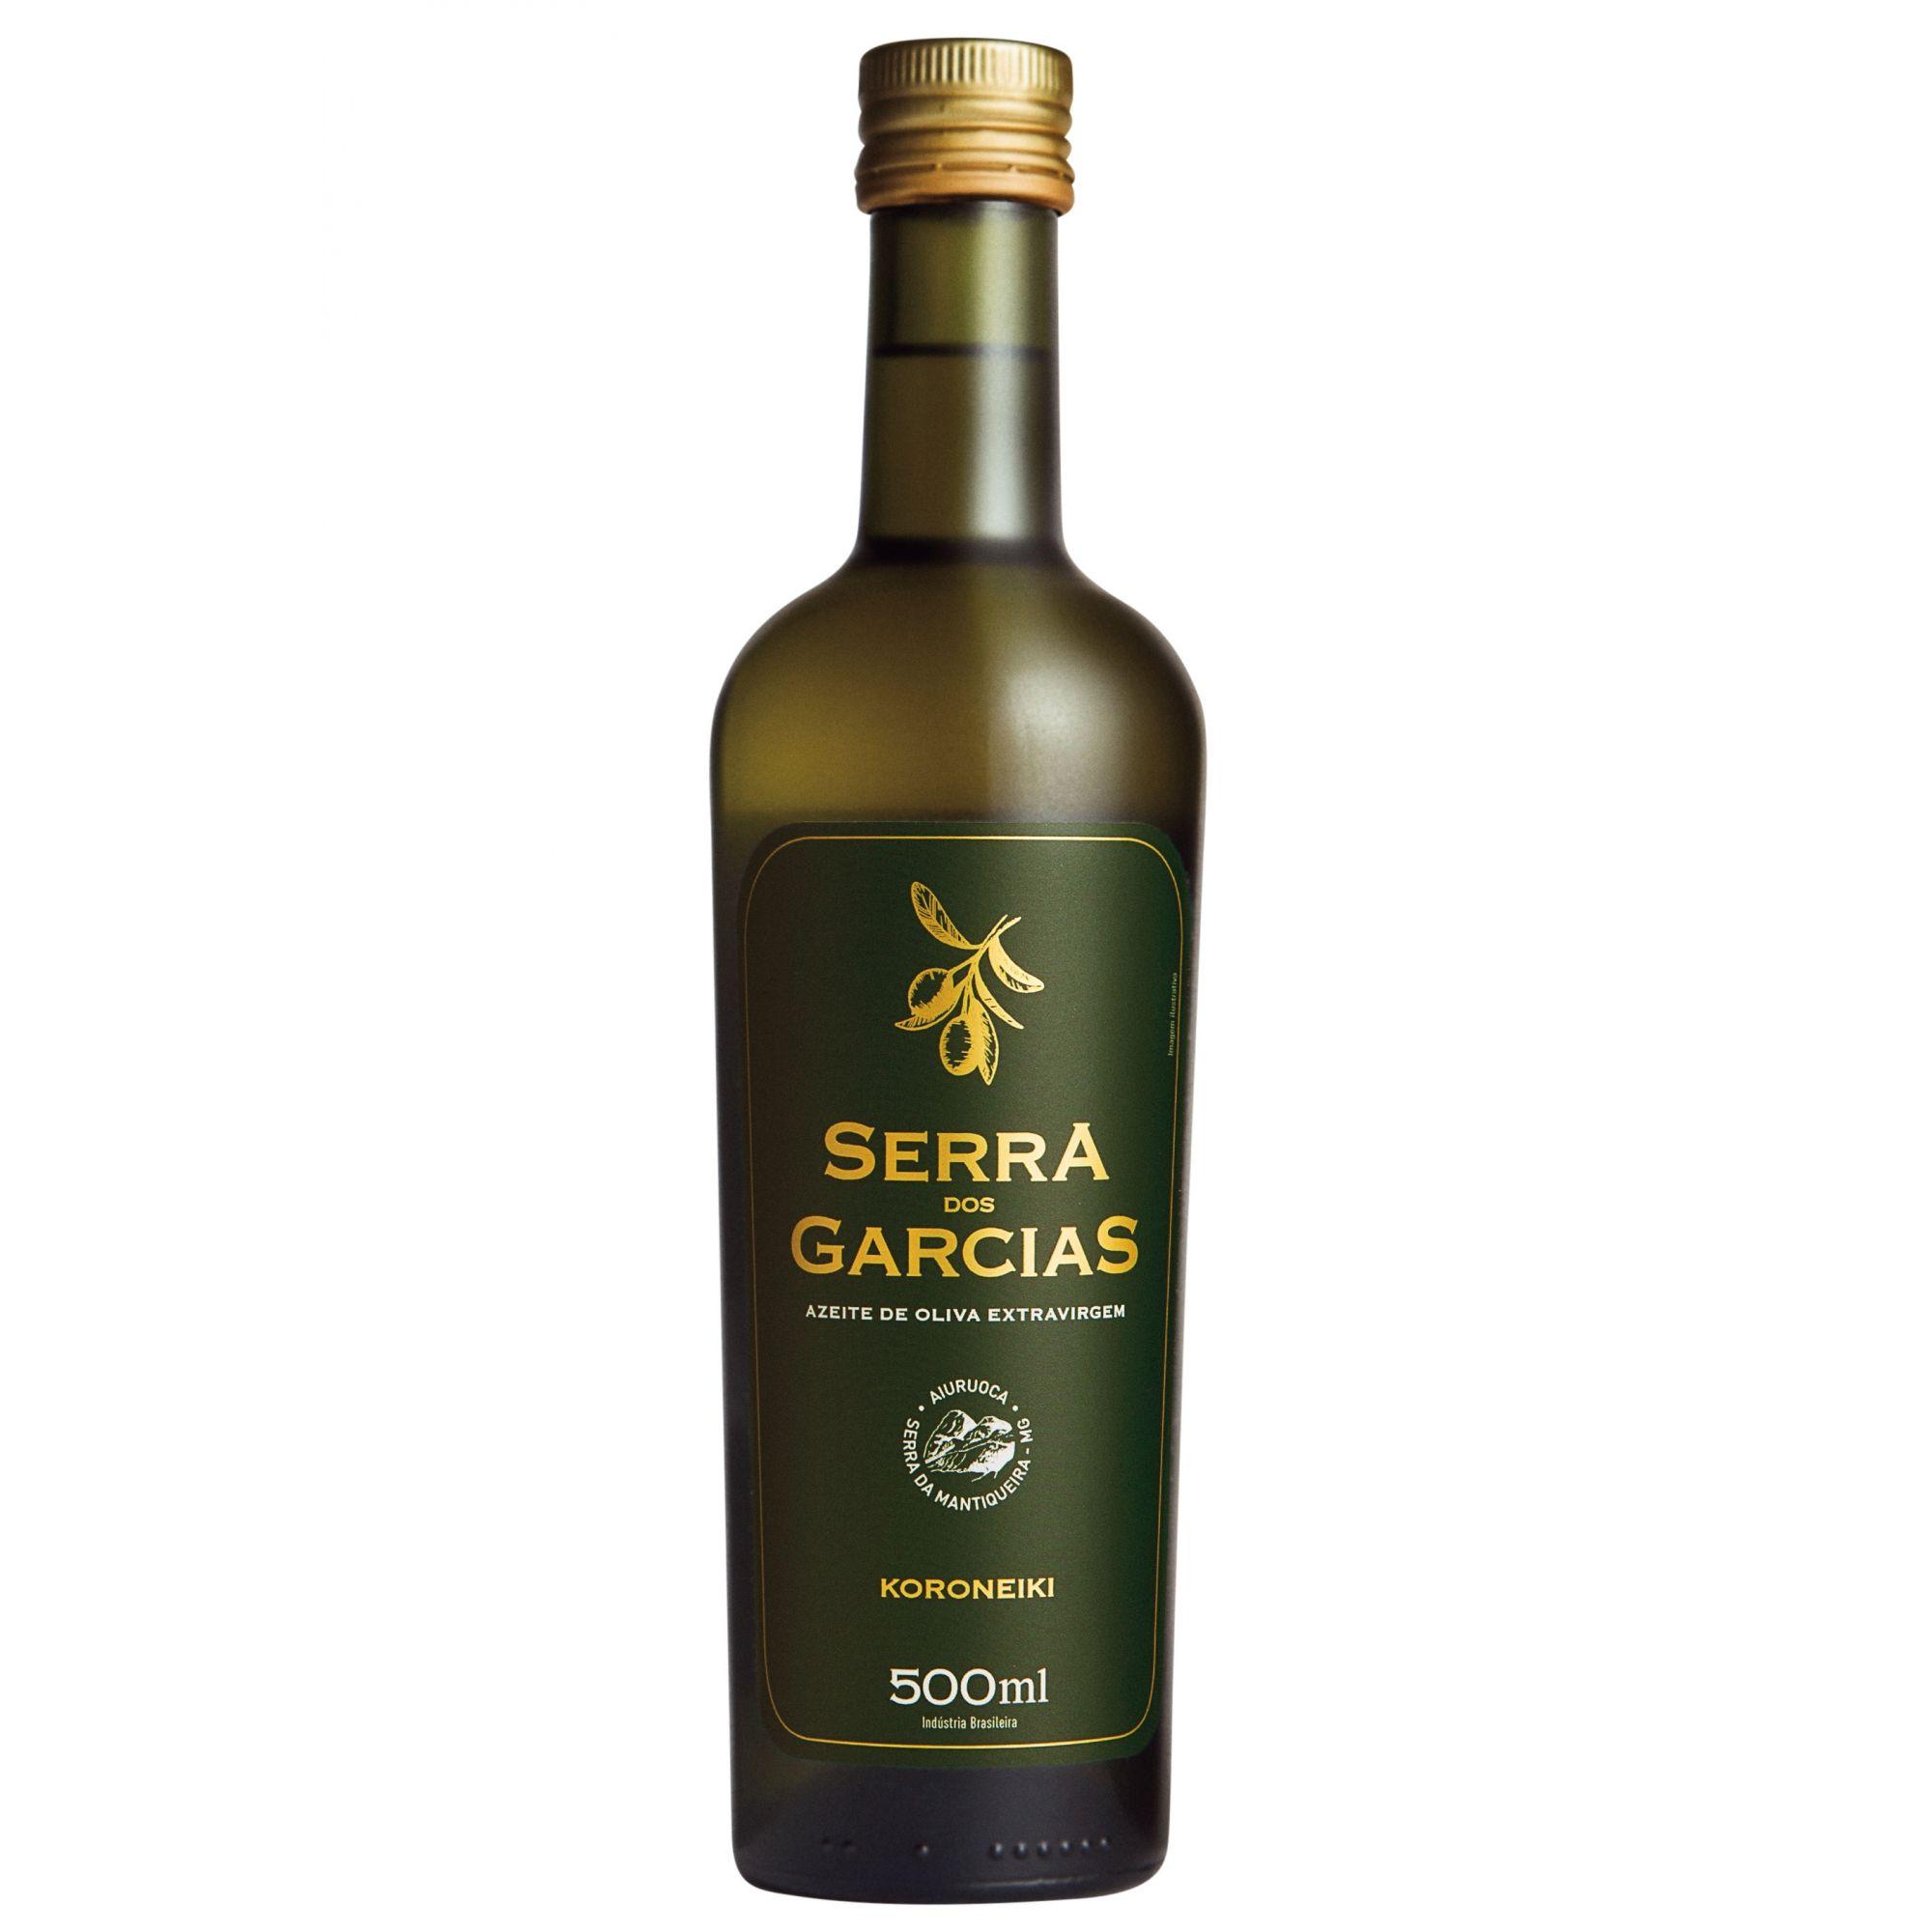 KORONEIKI 500ml <br><br> Frutado de azeitona verde com notas florais, herbáceo e ligeiros toques de frutos maduros.  -  Azeite Serra dos Garcias